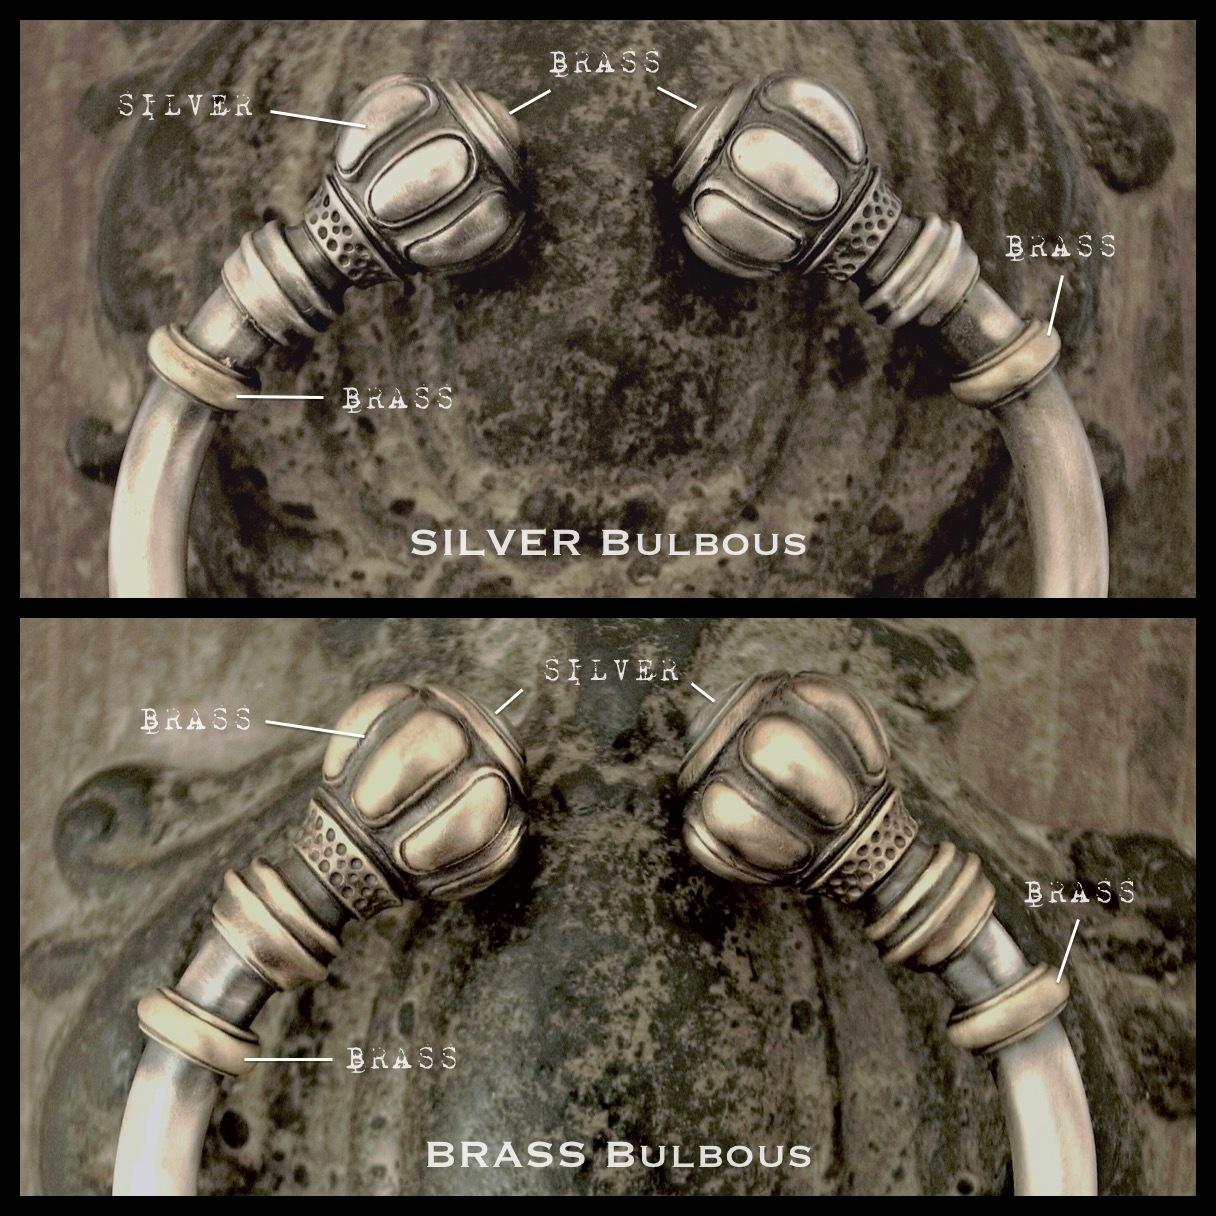 SILVER Bulbous & BRASS Bulbous